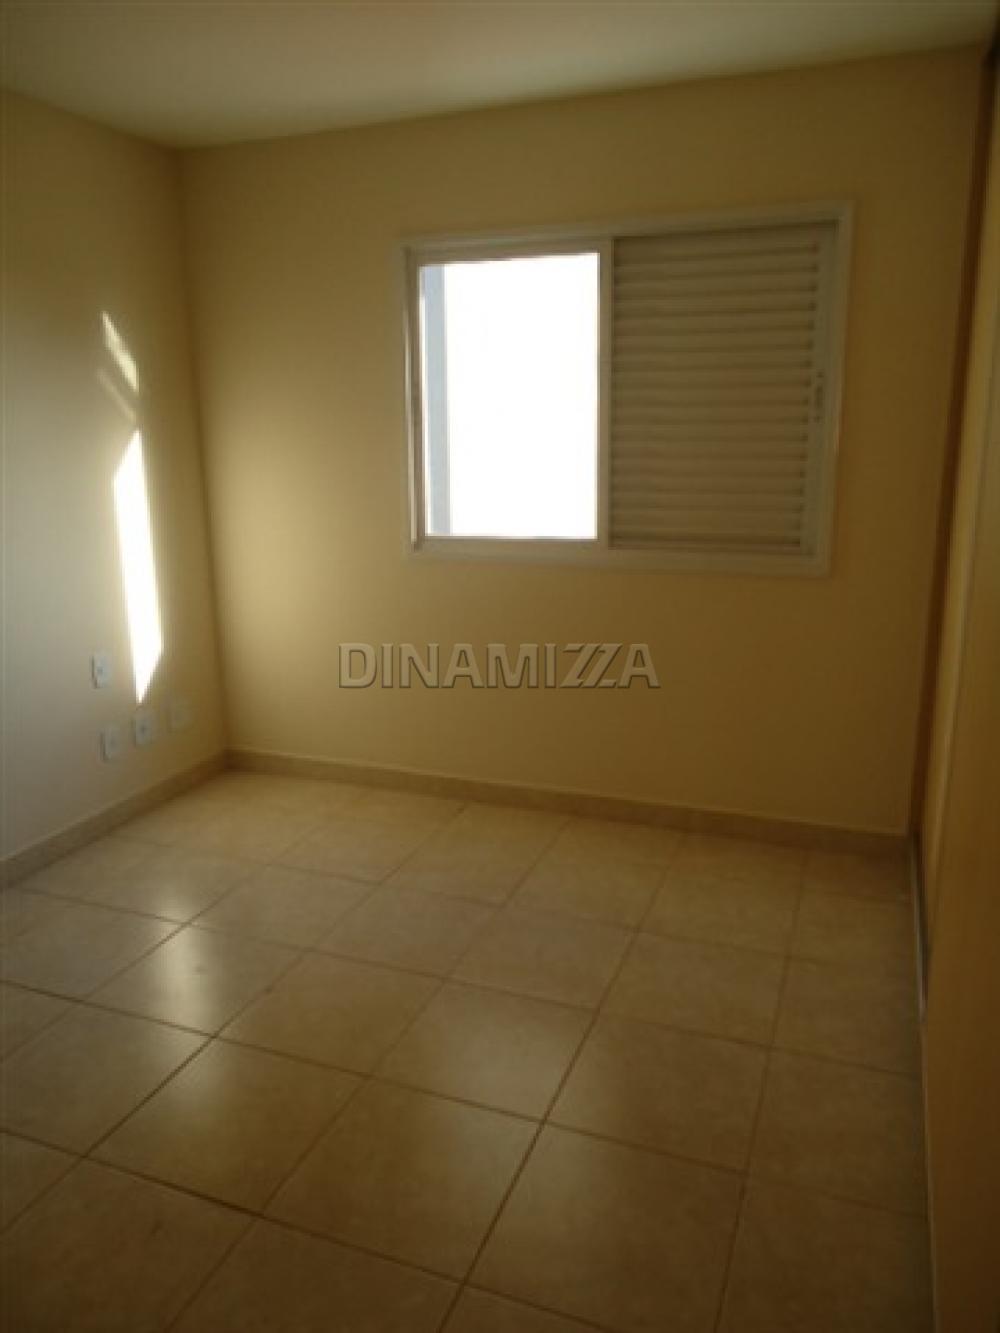 Alugar Apartamento / Padrão em Uberaba apenas R$ 1.200,00 - Foto 6